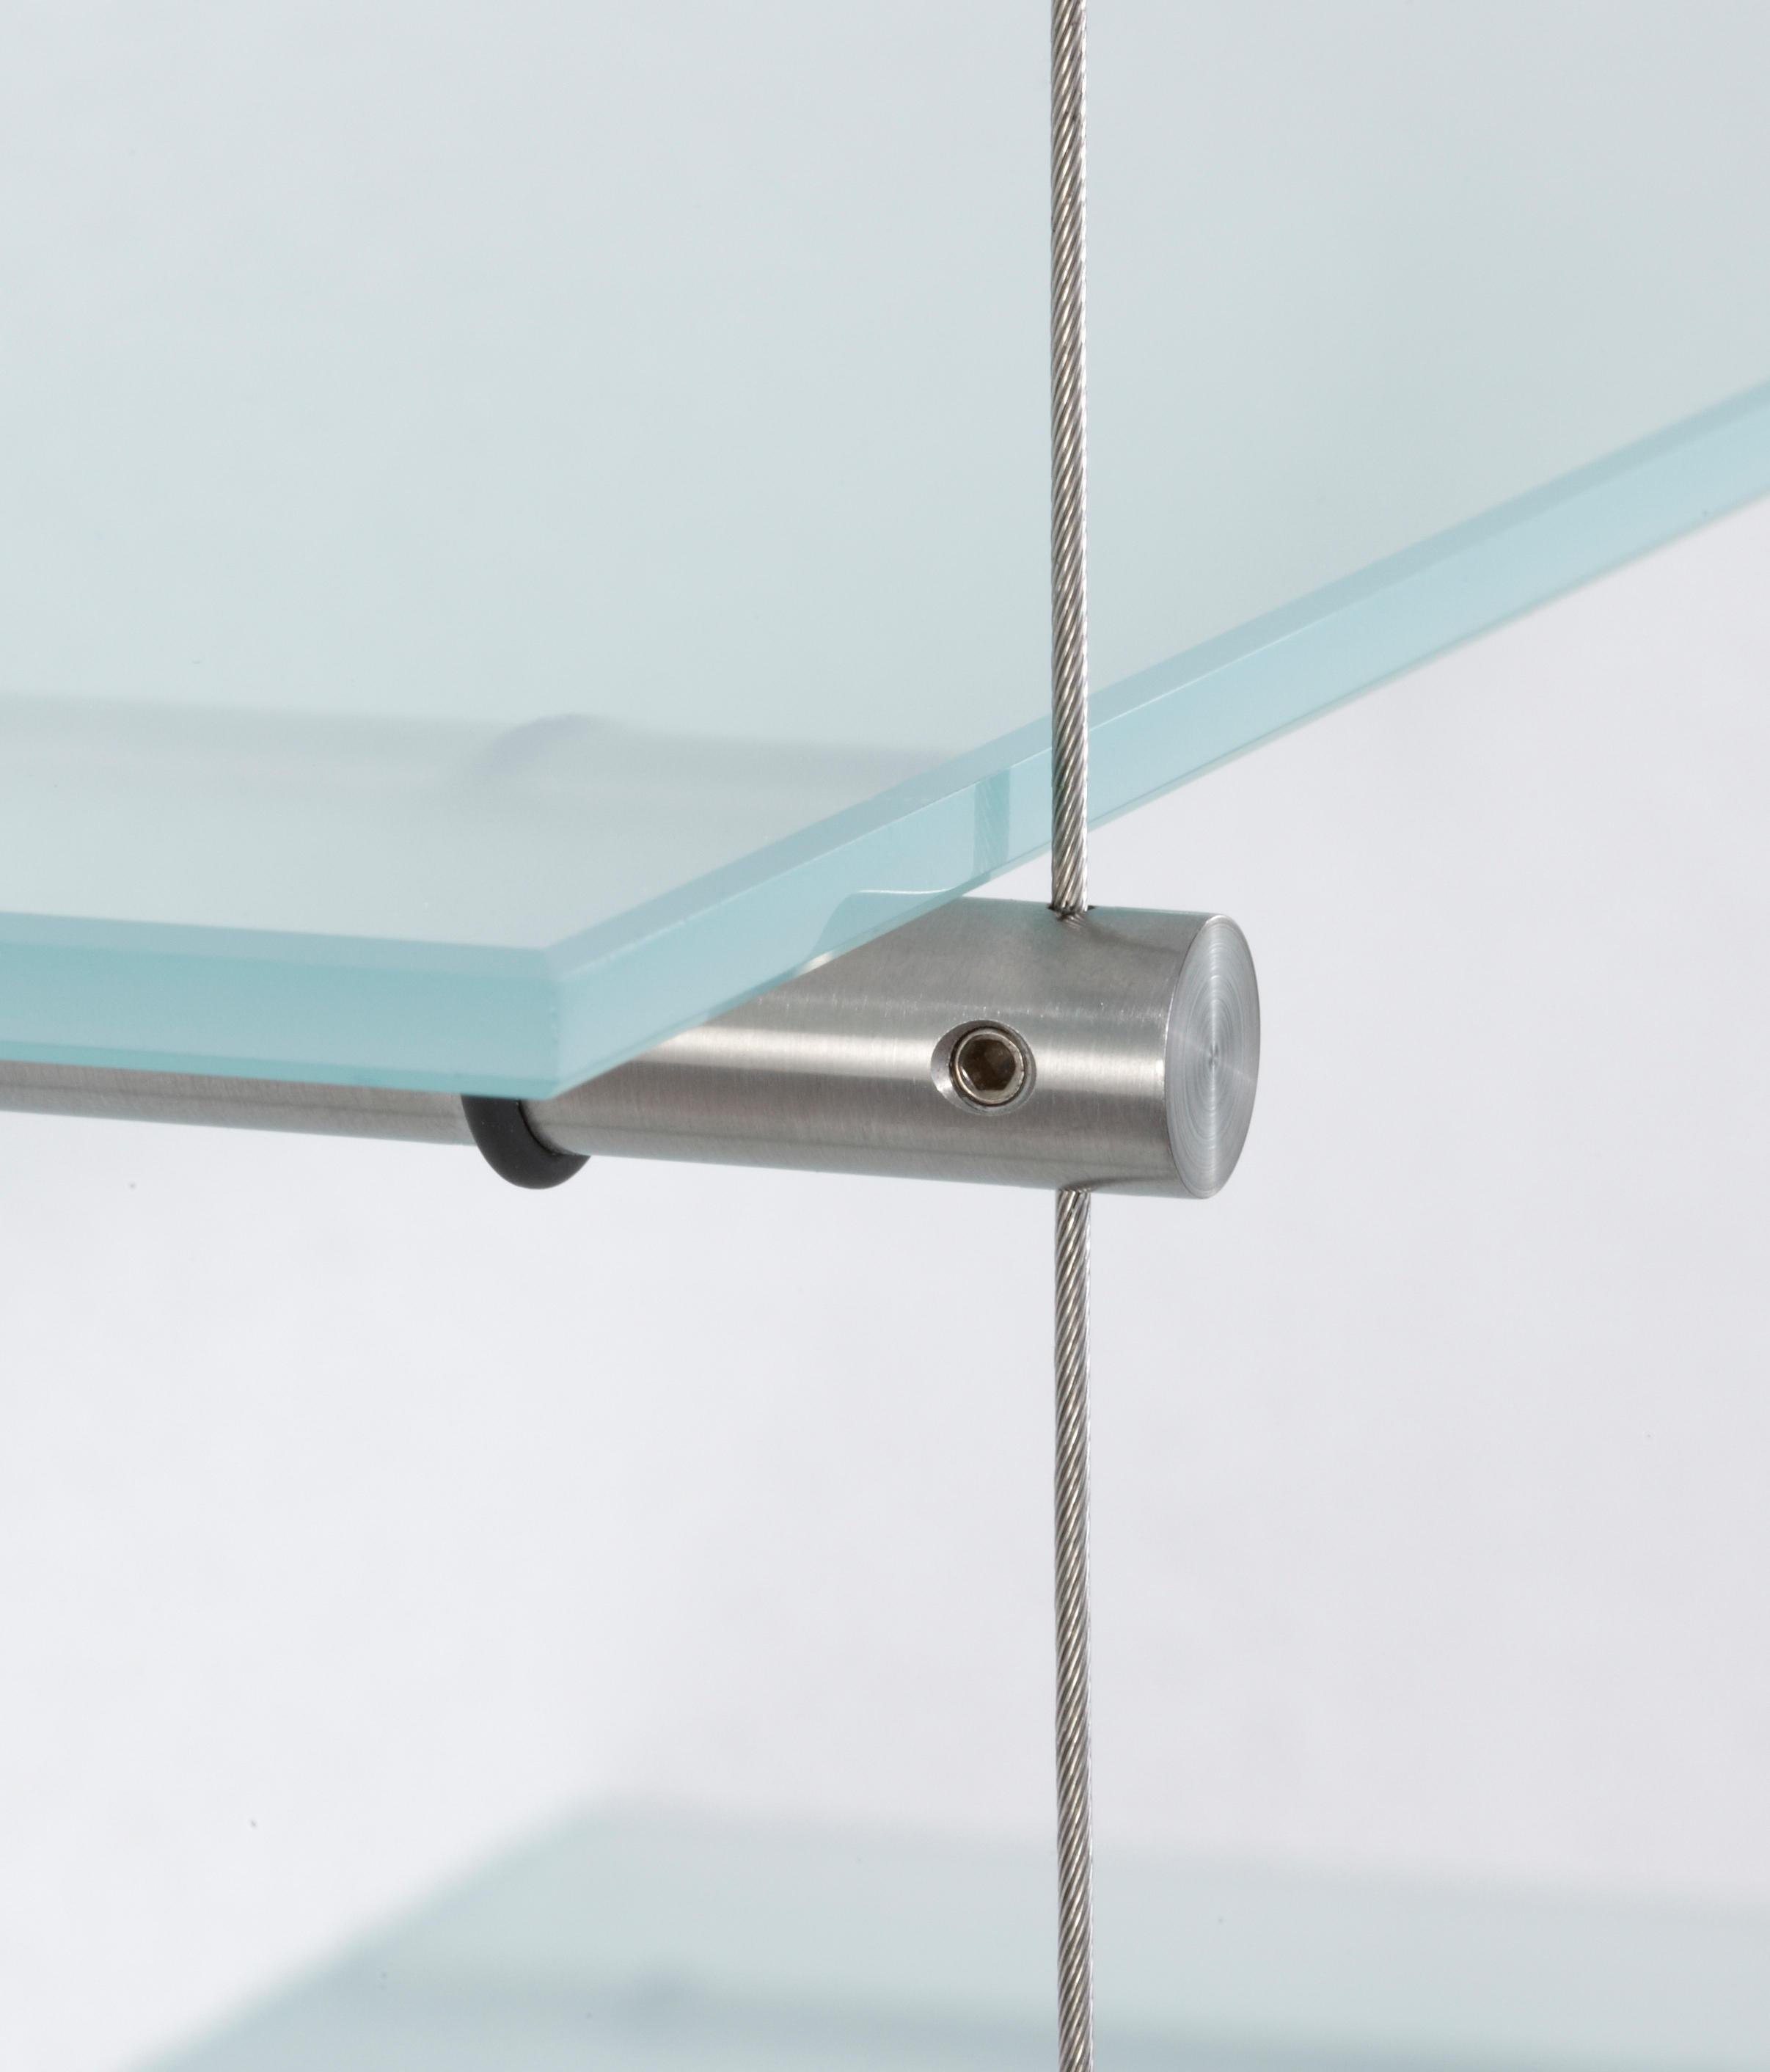 glasregal rst 260 m bel seilsysteme von phos design architonic. Black Bedroom Furniture Sets. Home Design Ideas